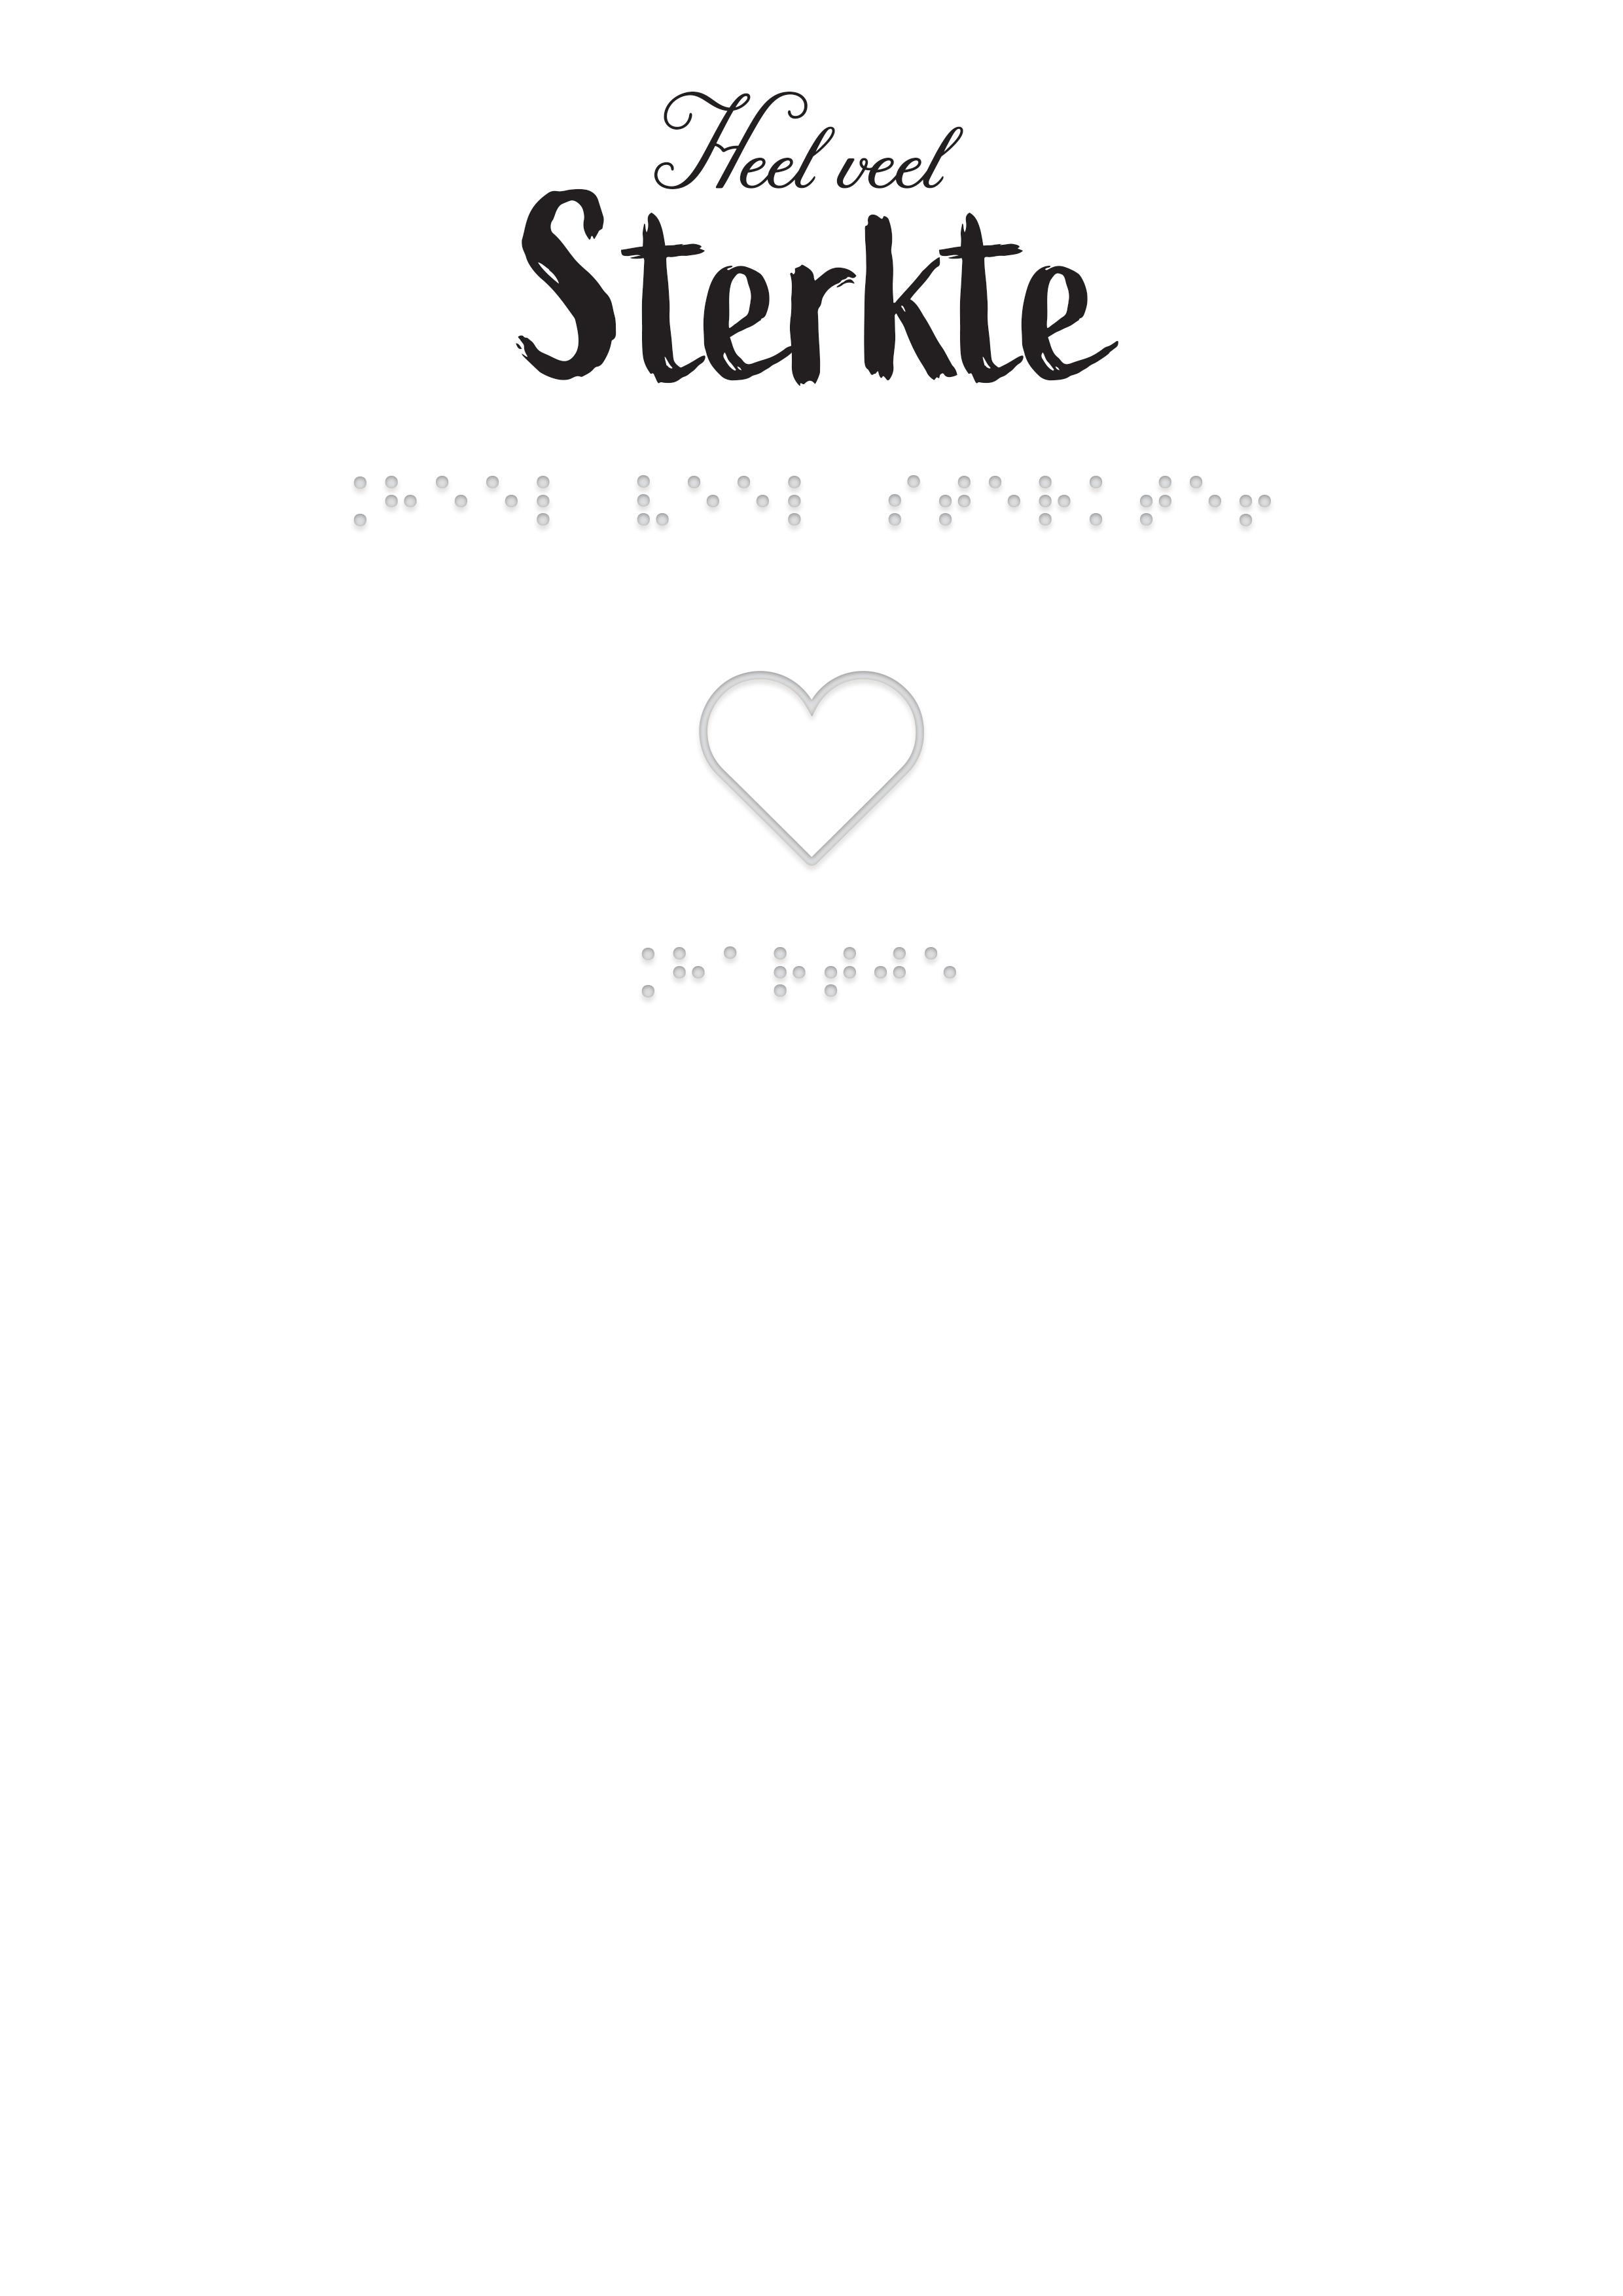 Voelbare kaart met braille en reliëf. In braille de tekst: Heel veel sterkte. Met voelbare afbeelding van een hartje.